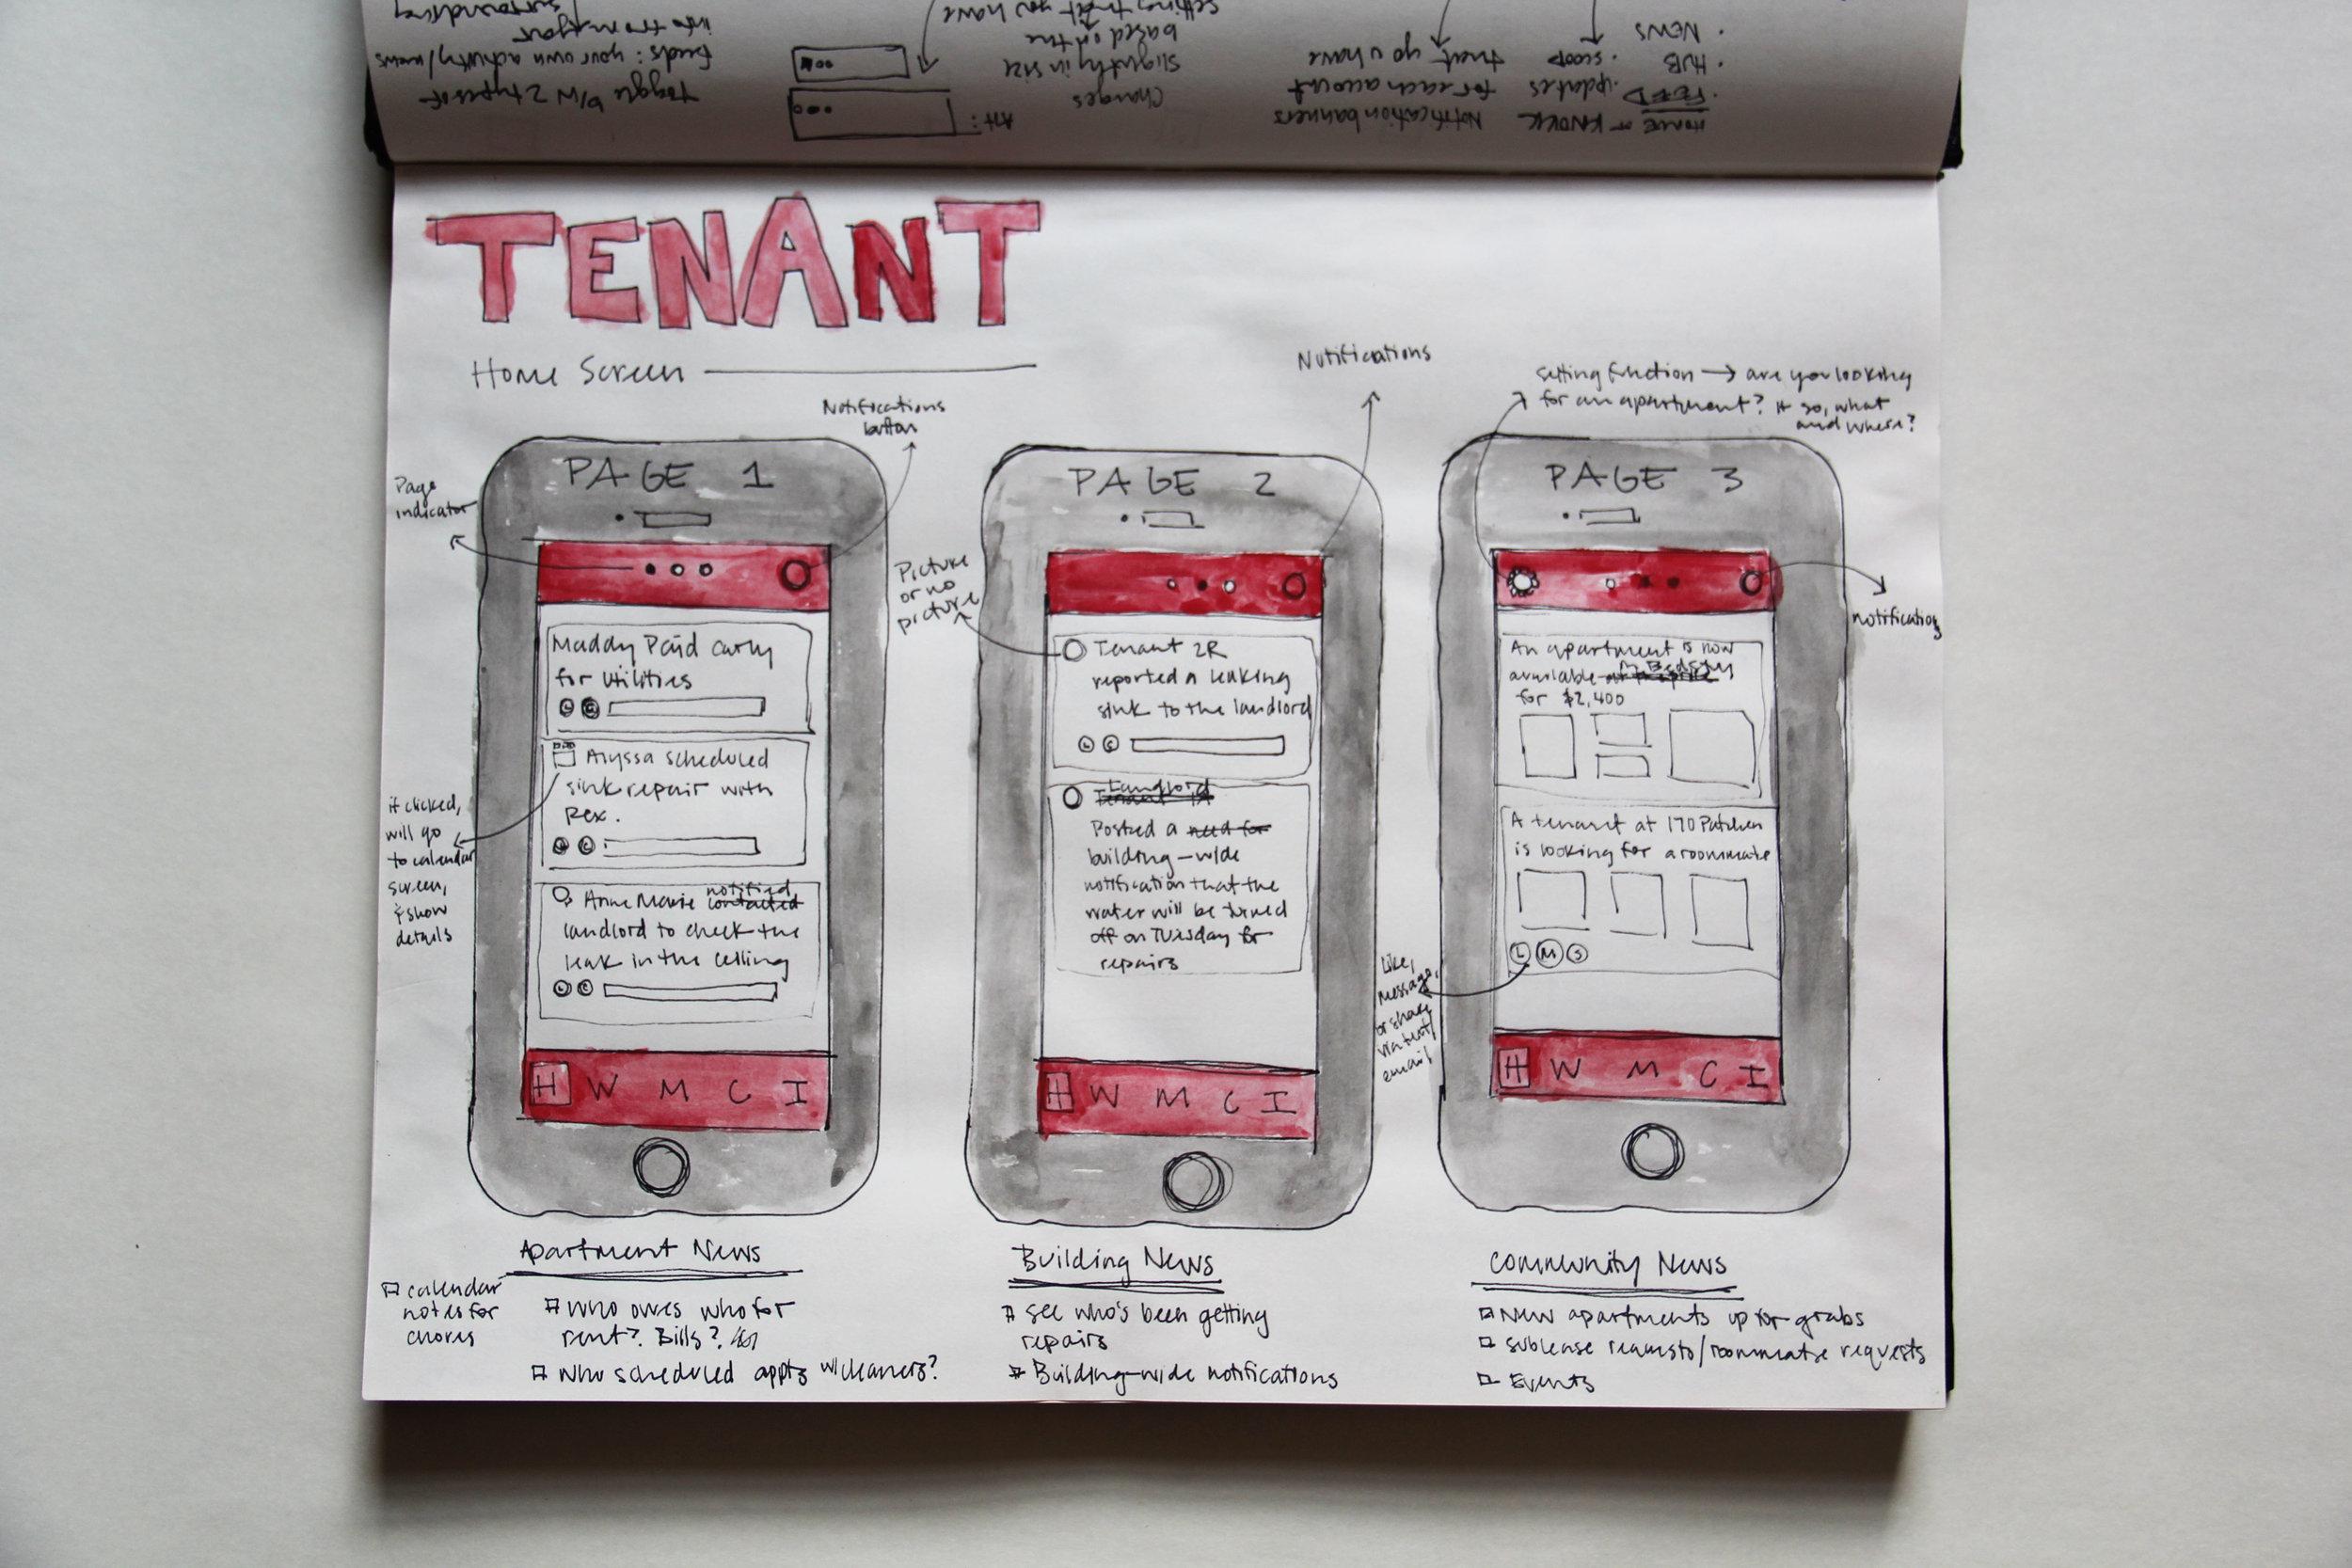 Pratt.notebook.2.jpg